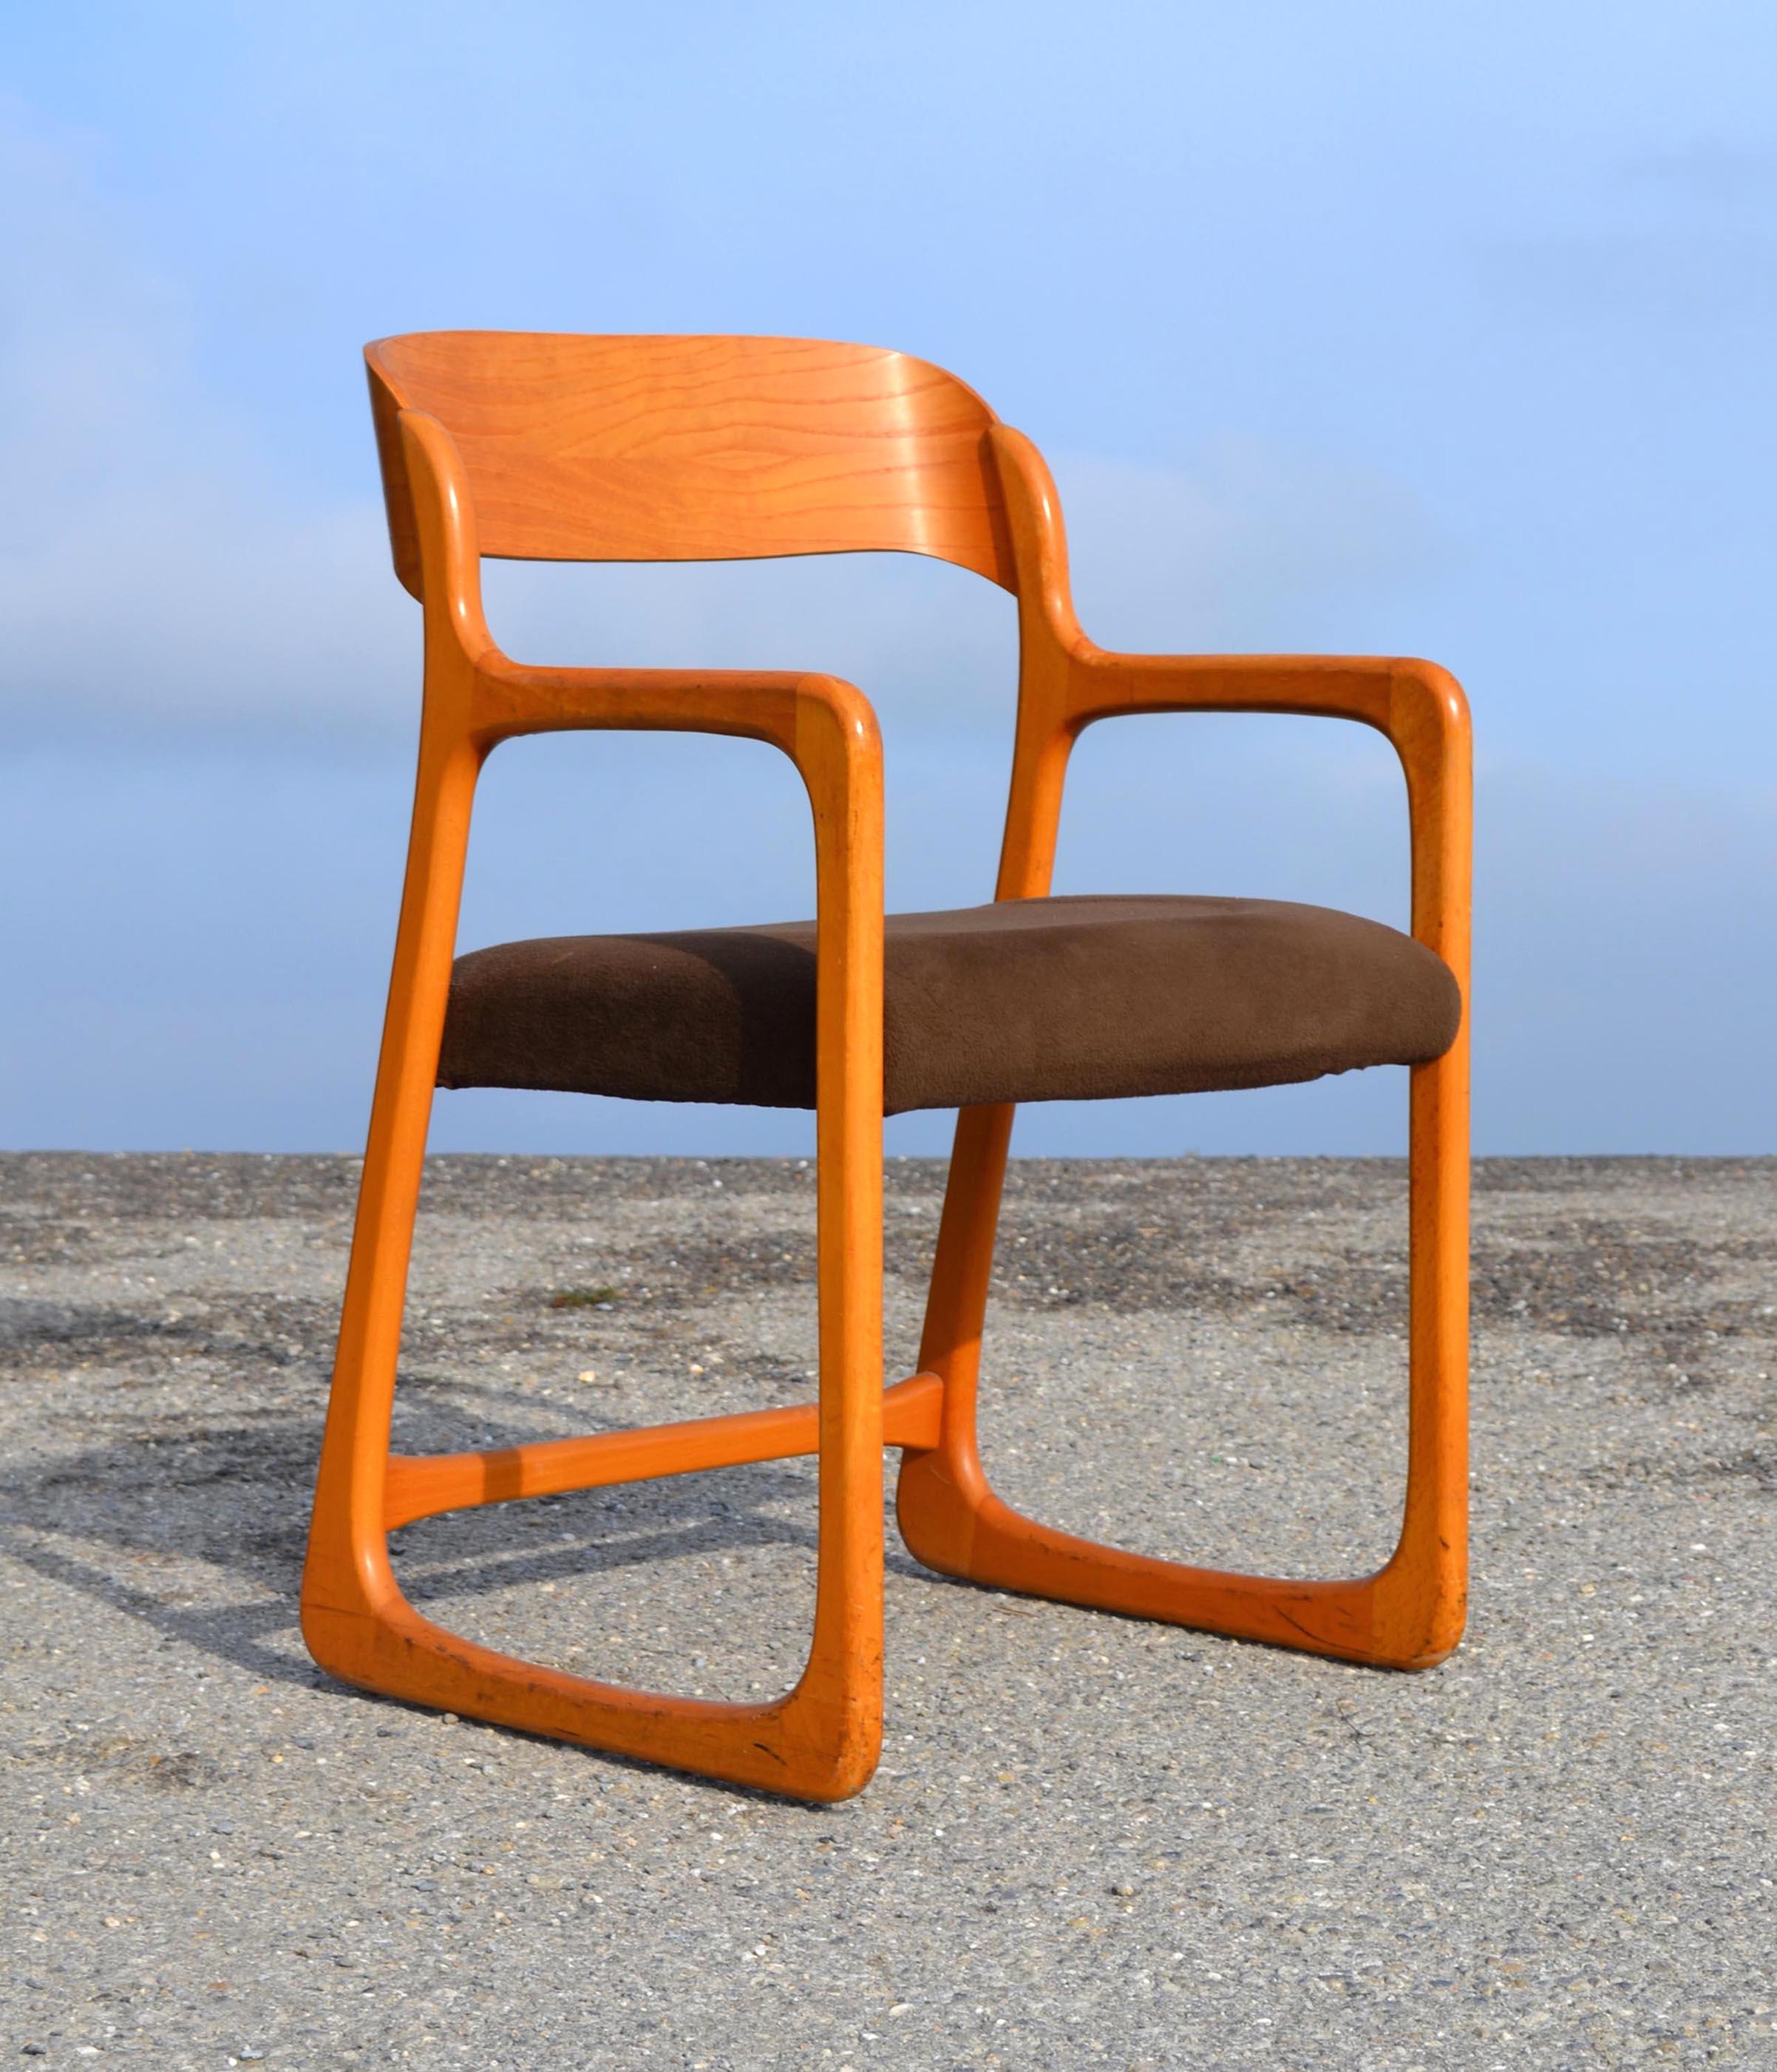 des chaises design vintage des ann es 1950 80 de. Black Bedroom Furniture Sets. Home Design Ideas